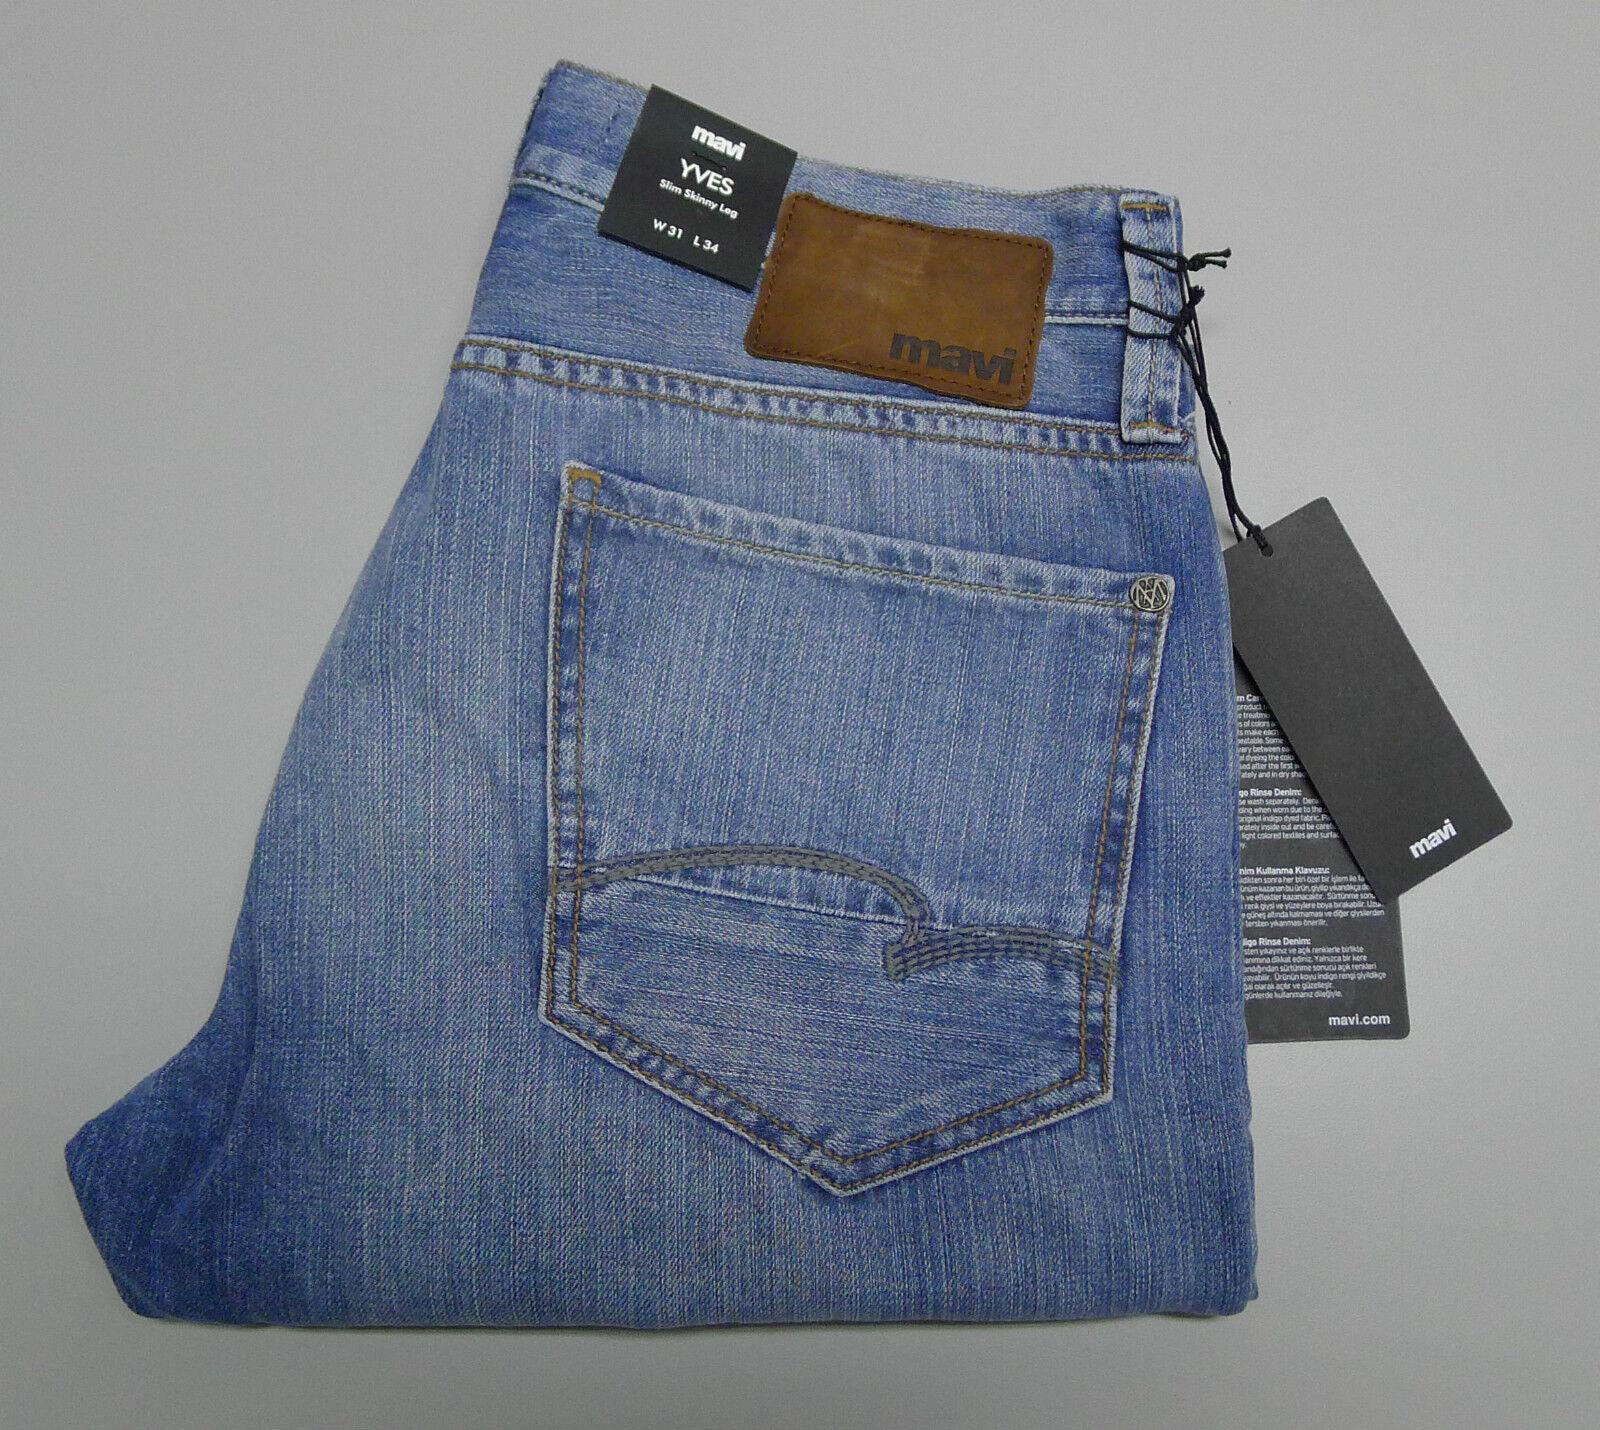 NEW MAVI Co. YVES W-31 L-34 Slim Skinny Leg Light bluee Berlin Denim Men's Jeans